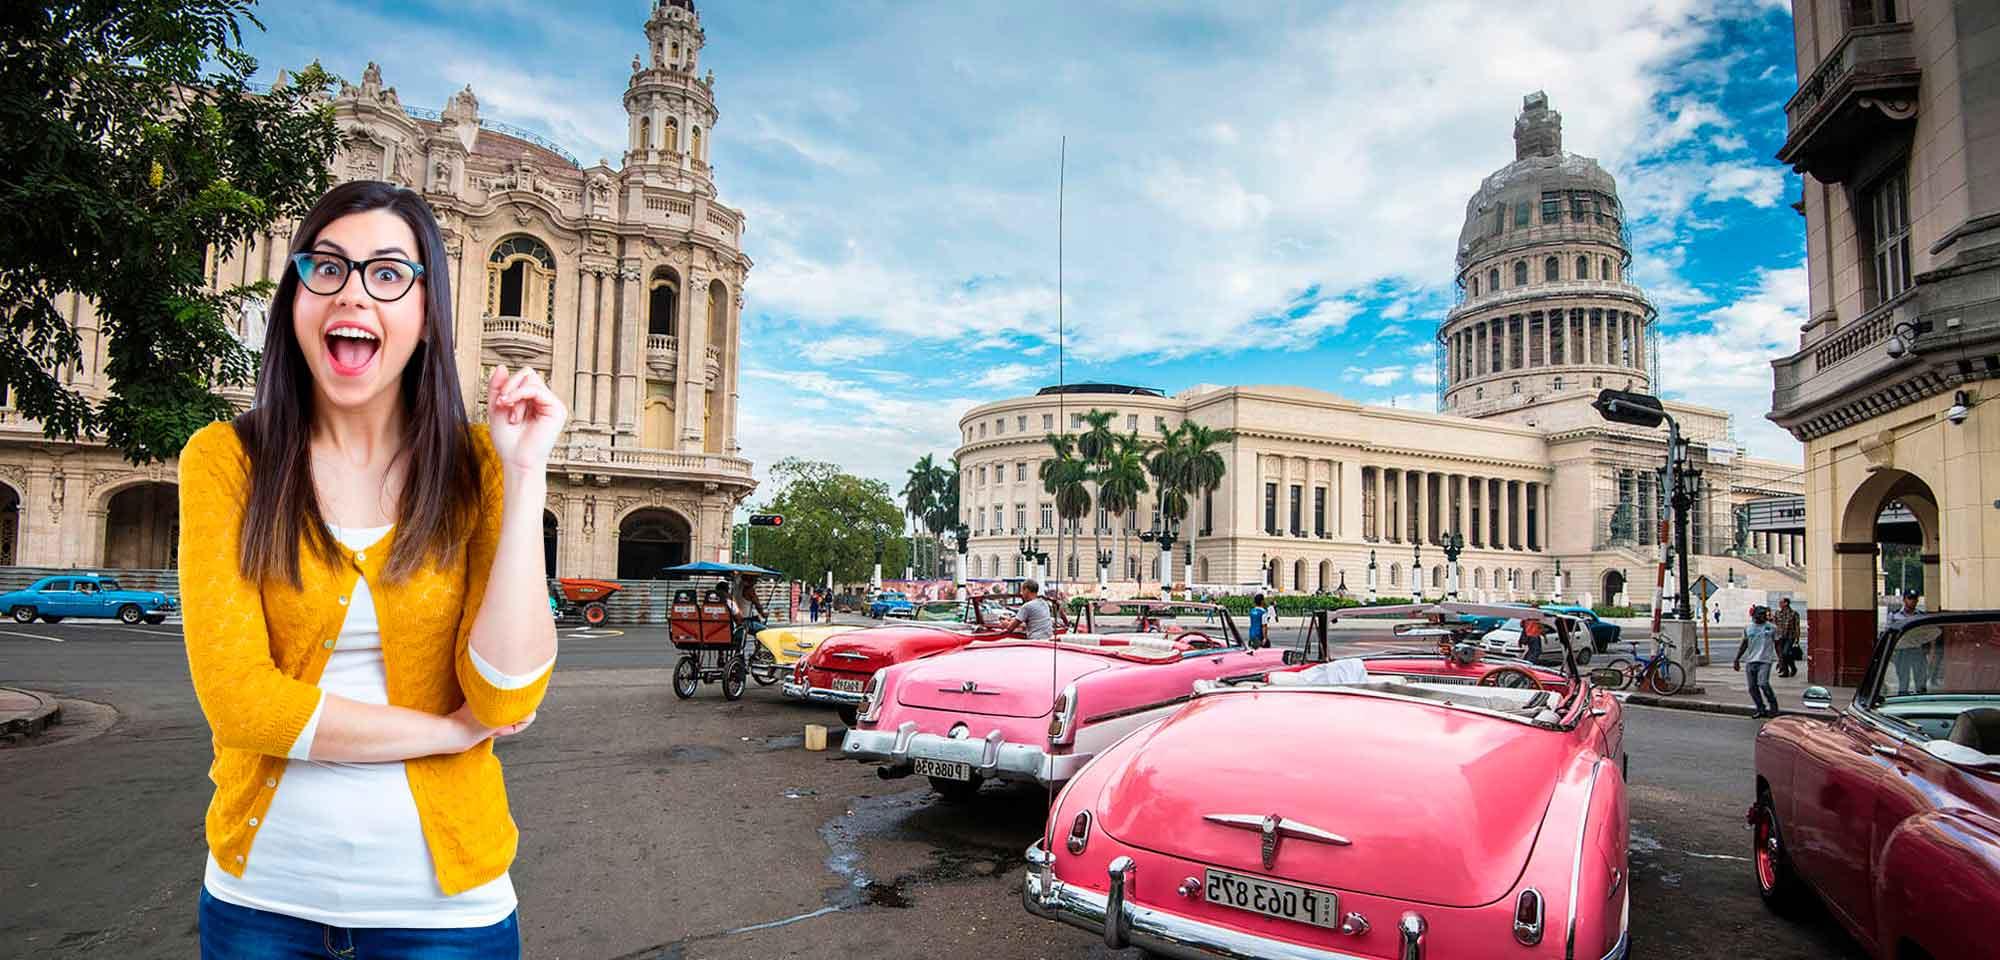 Paquetes Turísticos a Cuba - La Habana